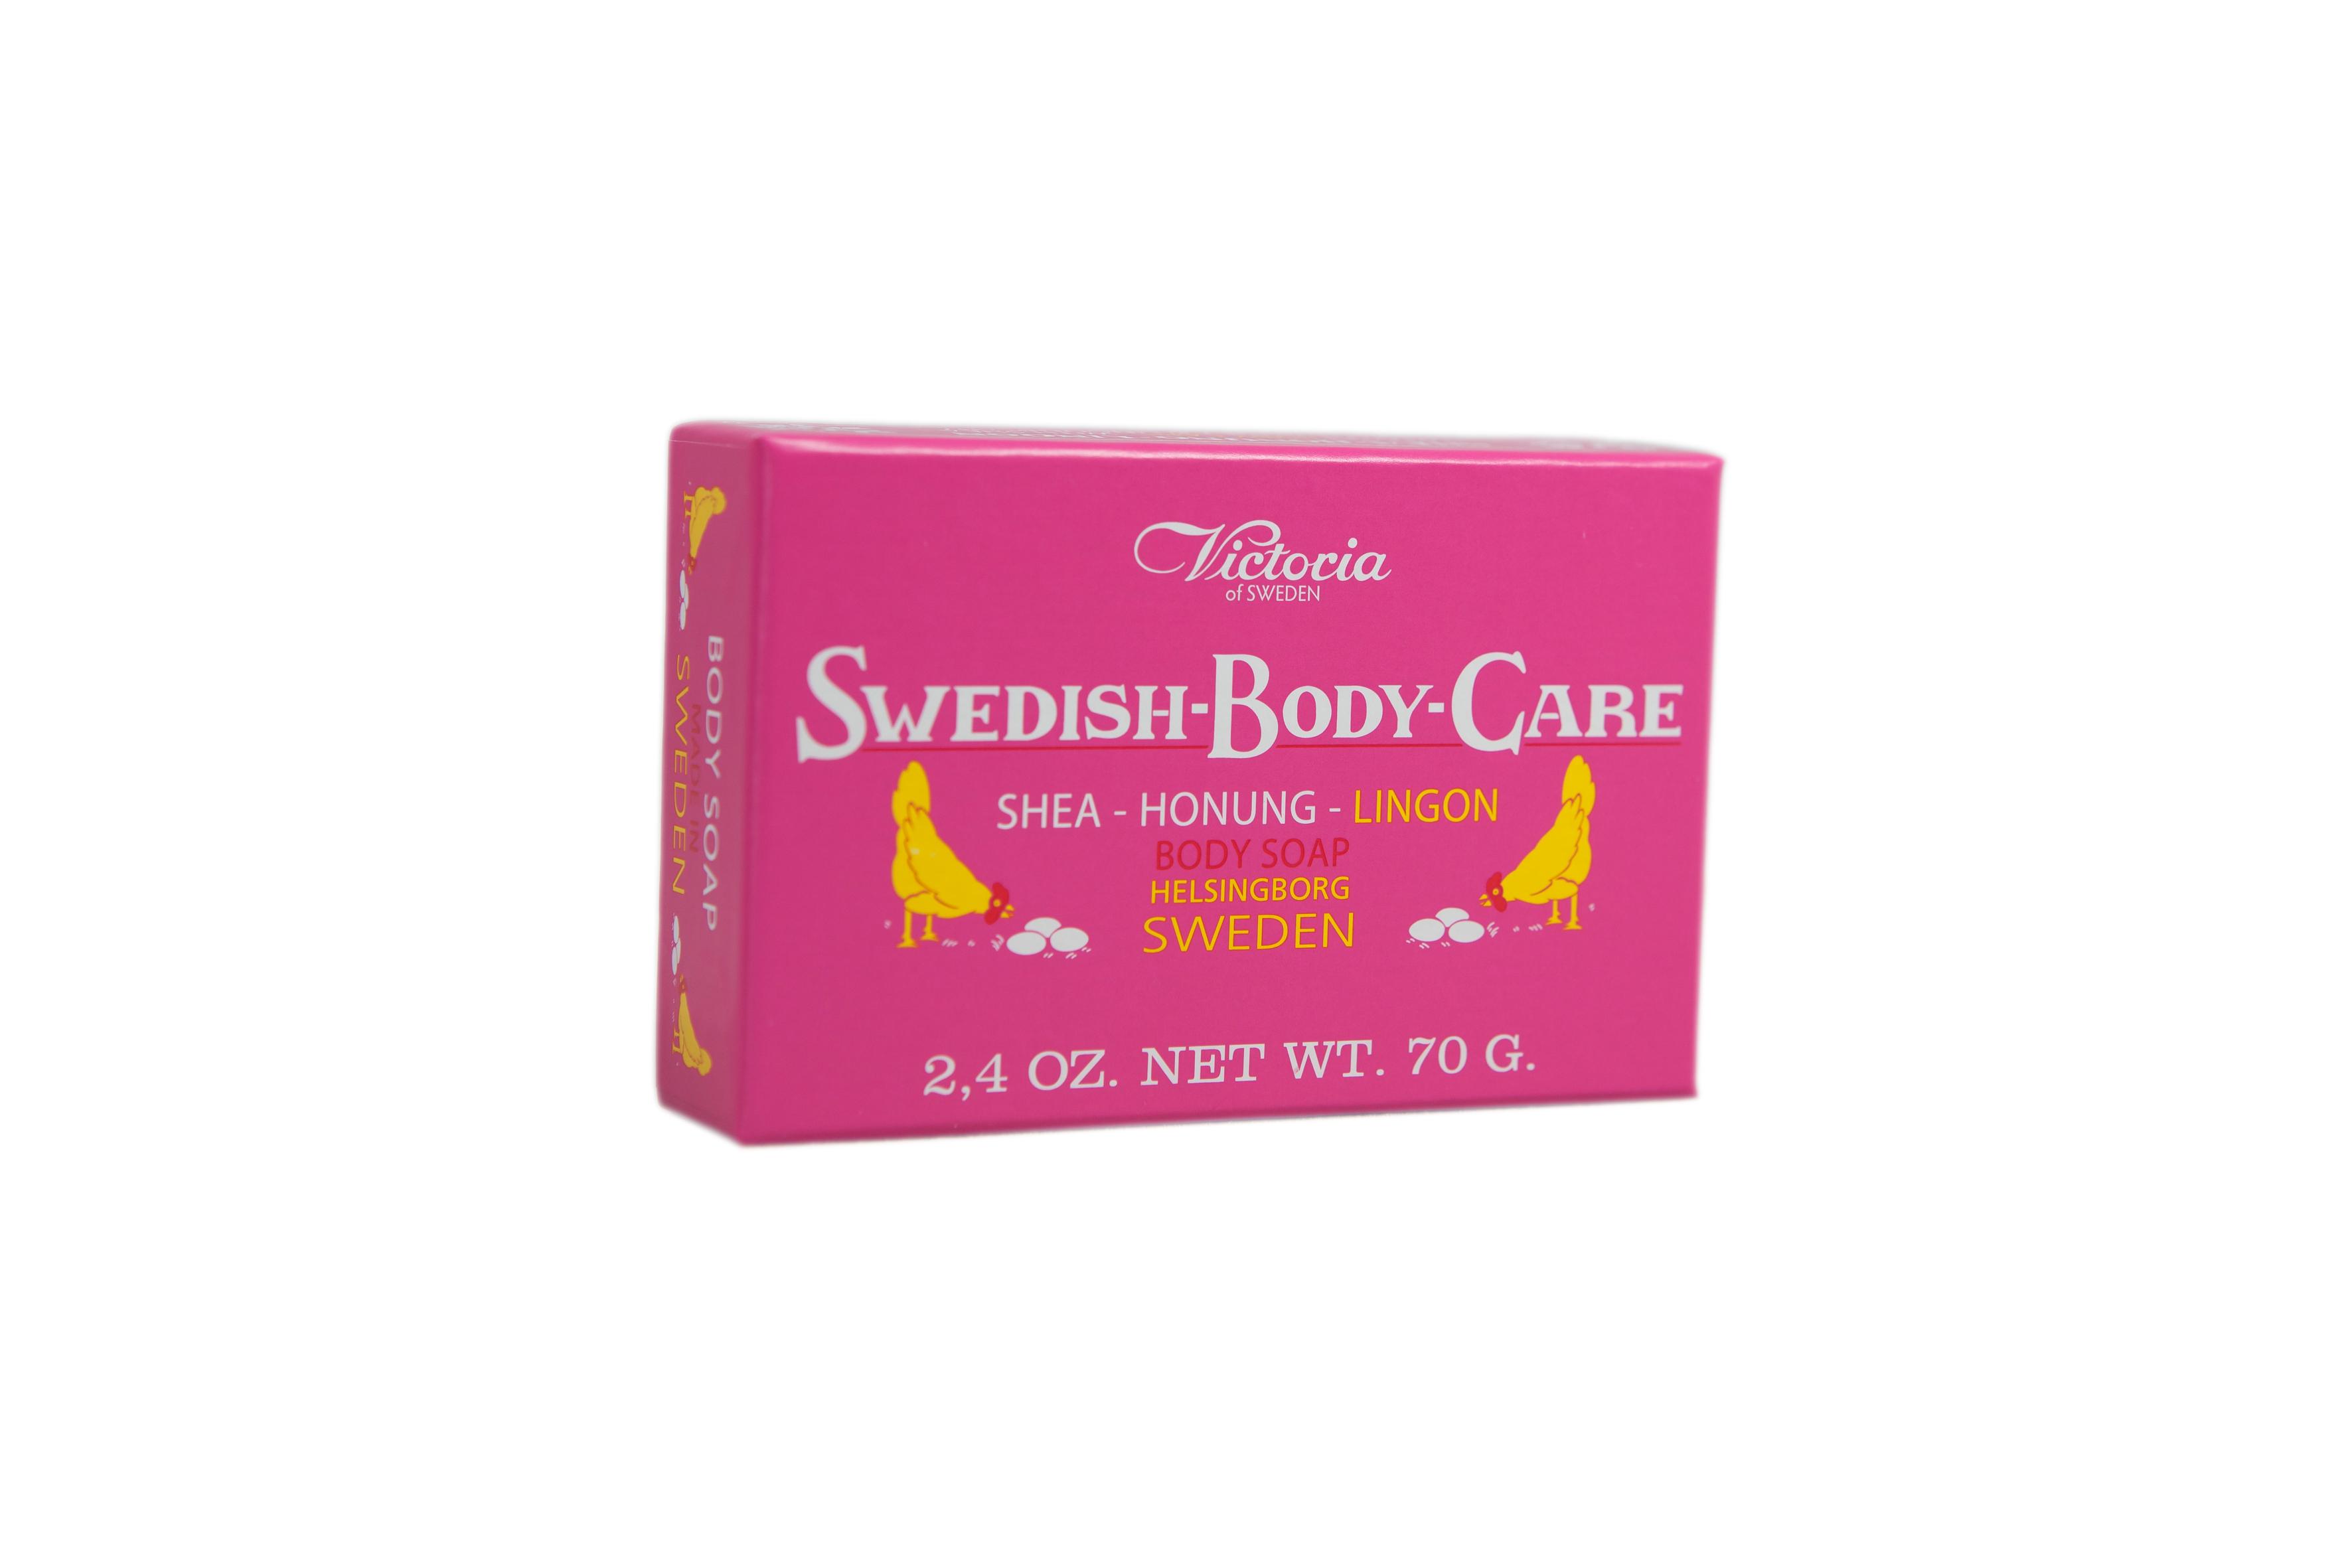 svenska porrstjärnor body care